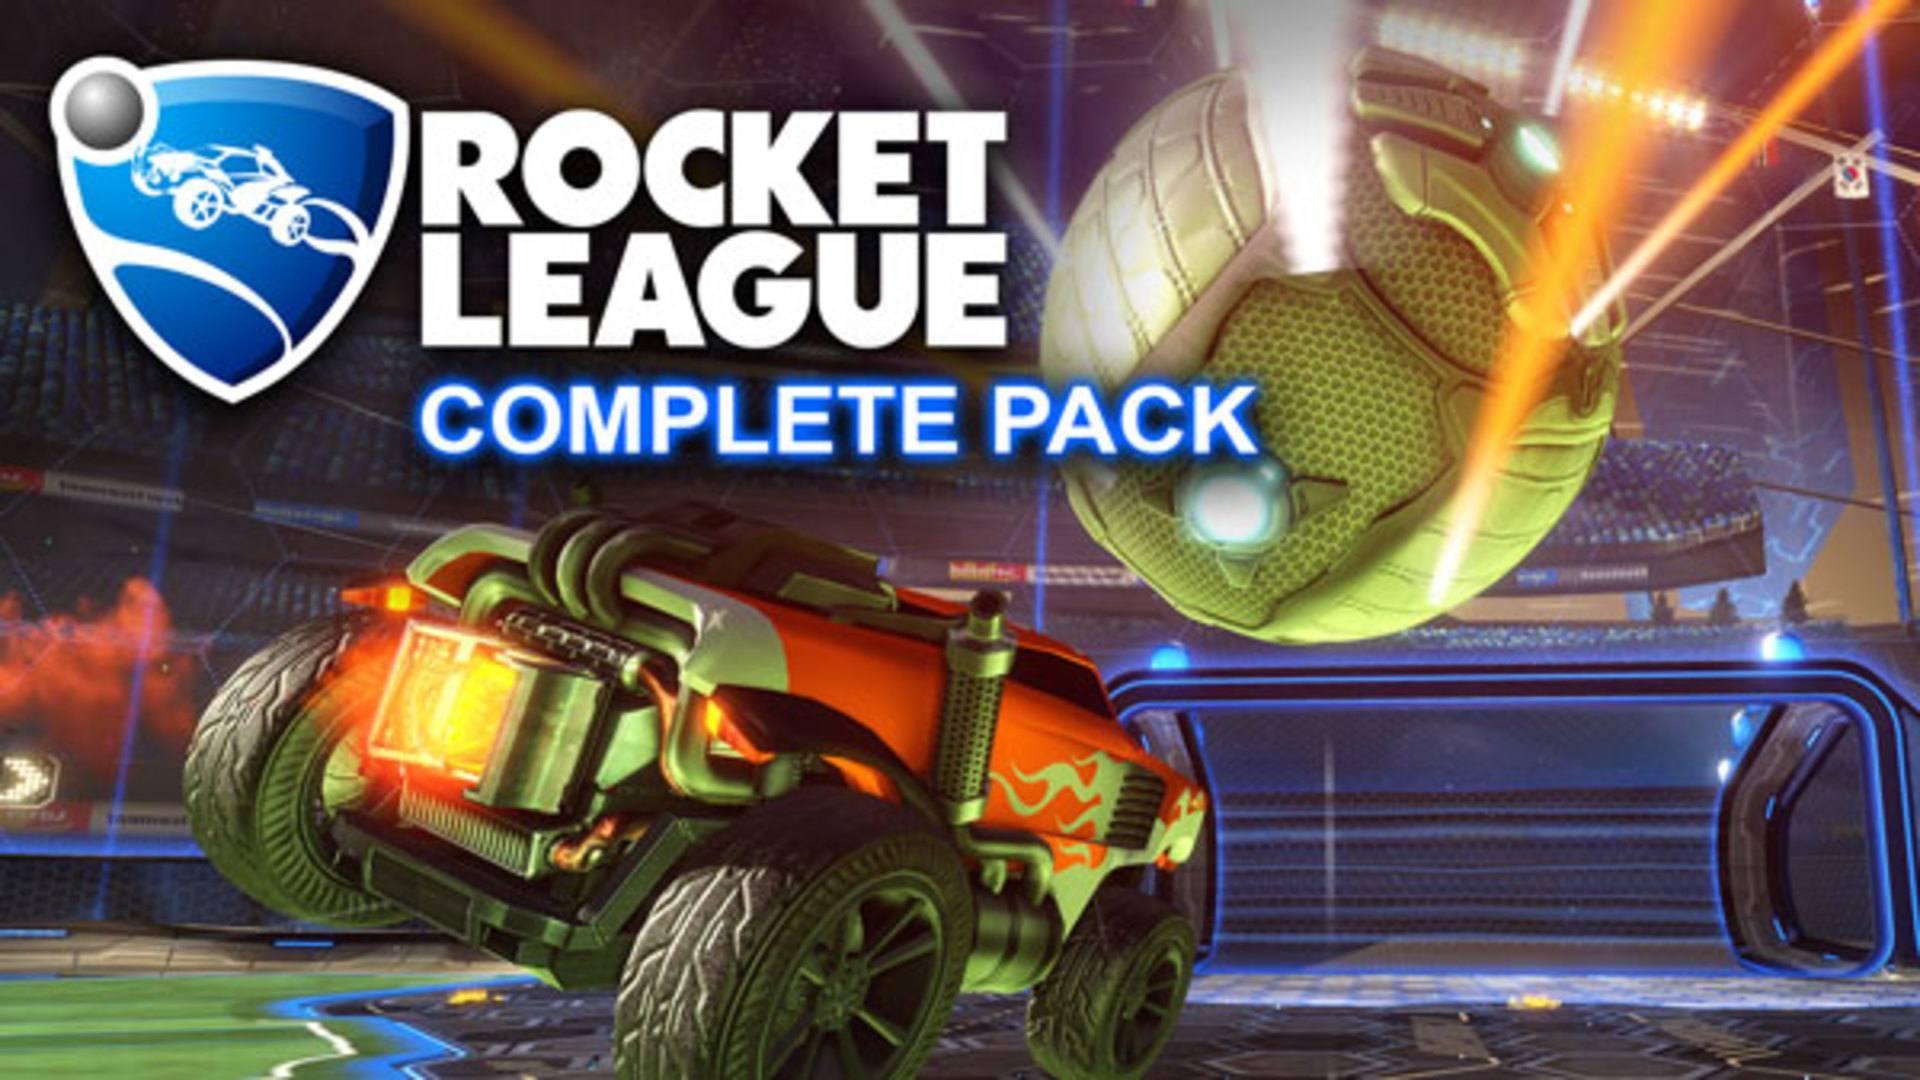 Rocket League Complete Pack | Steam Game Bundle | Fanatical